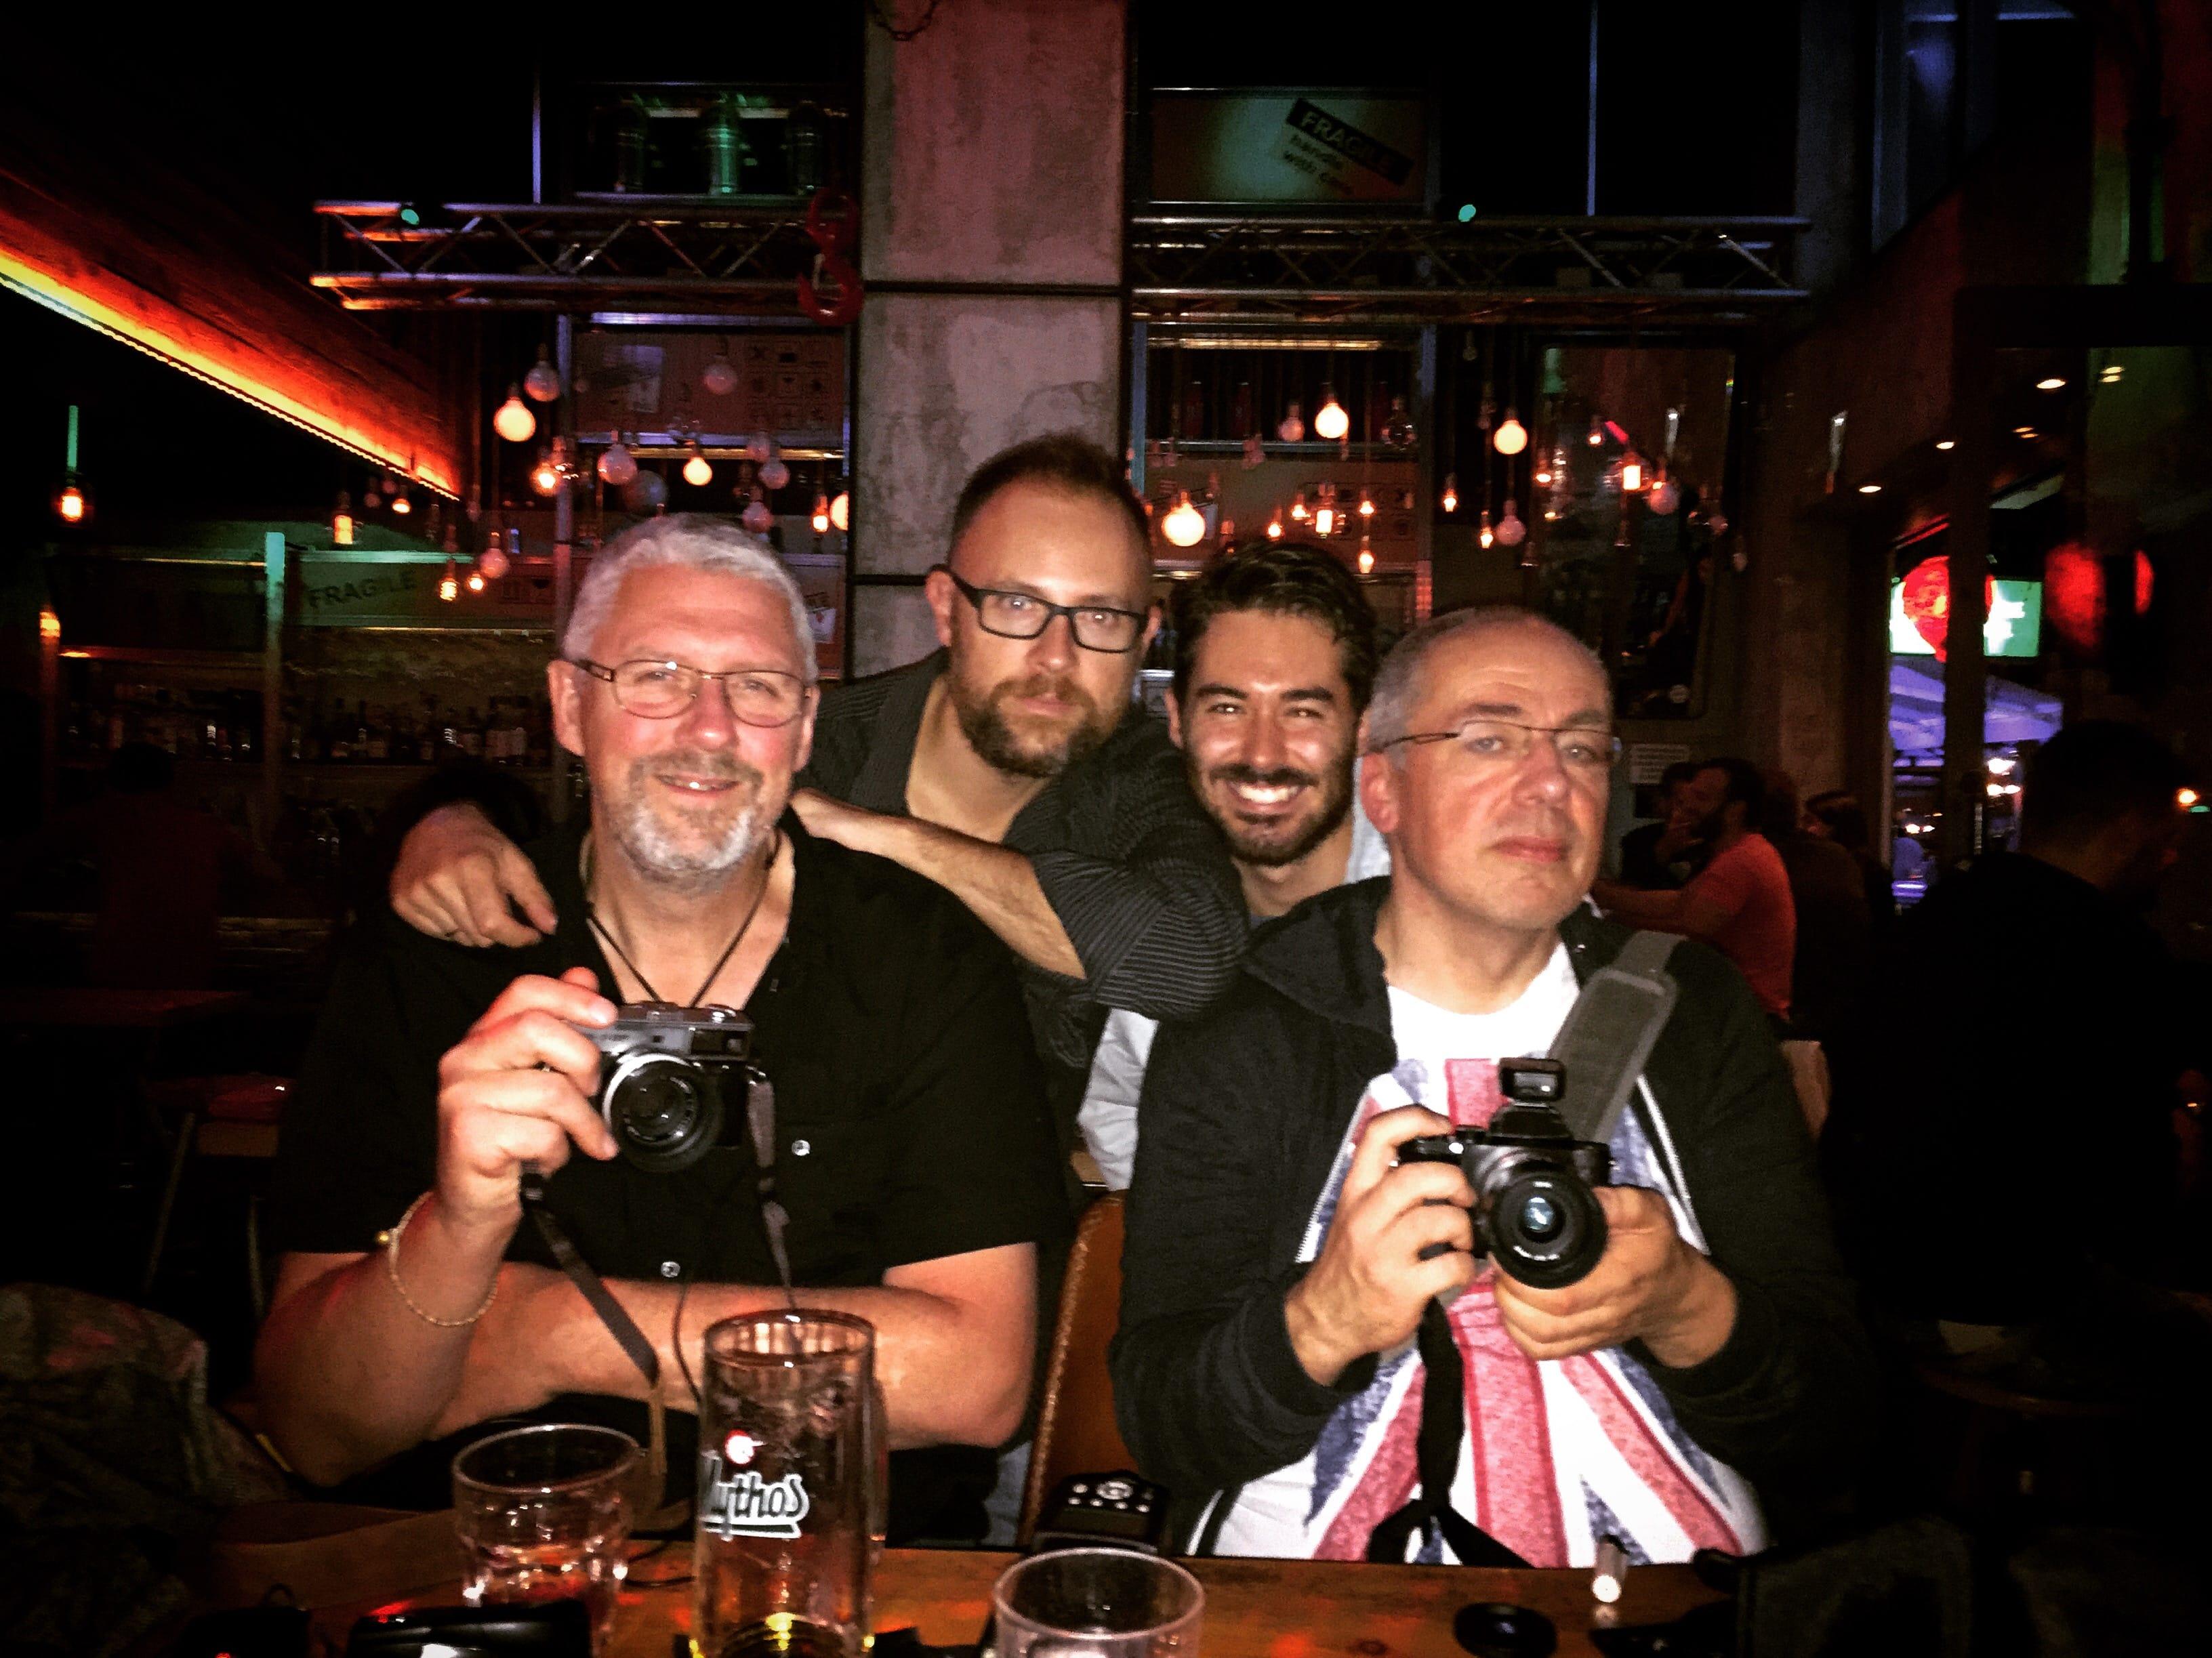 Dan, Spyros, Digby & Martin